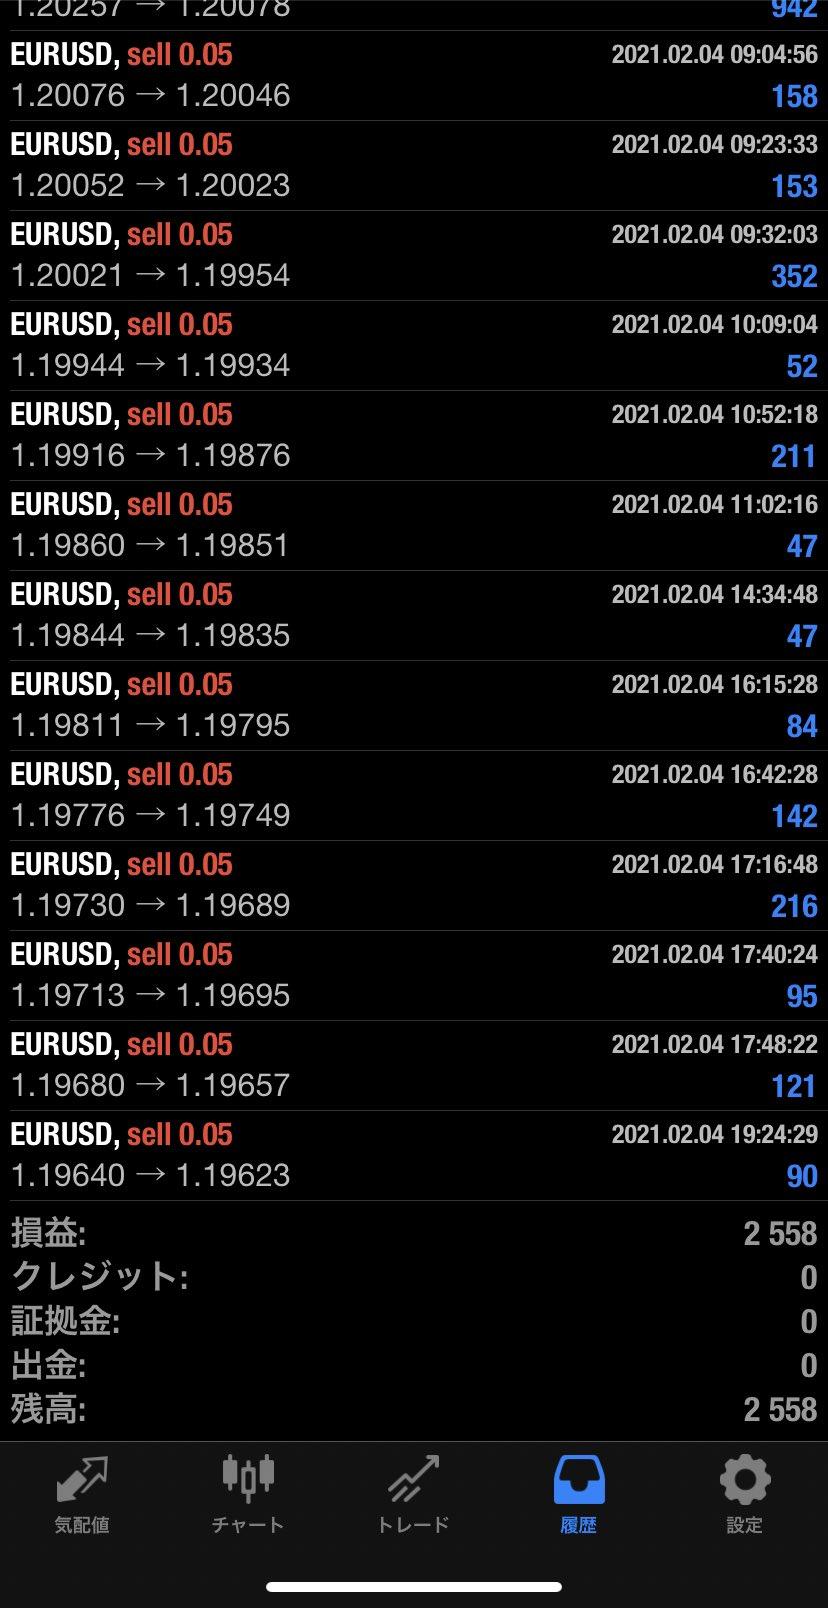 2021年2月4日 EUR/USDバージョン2,558円